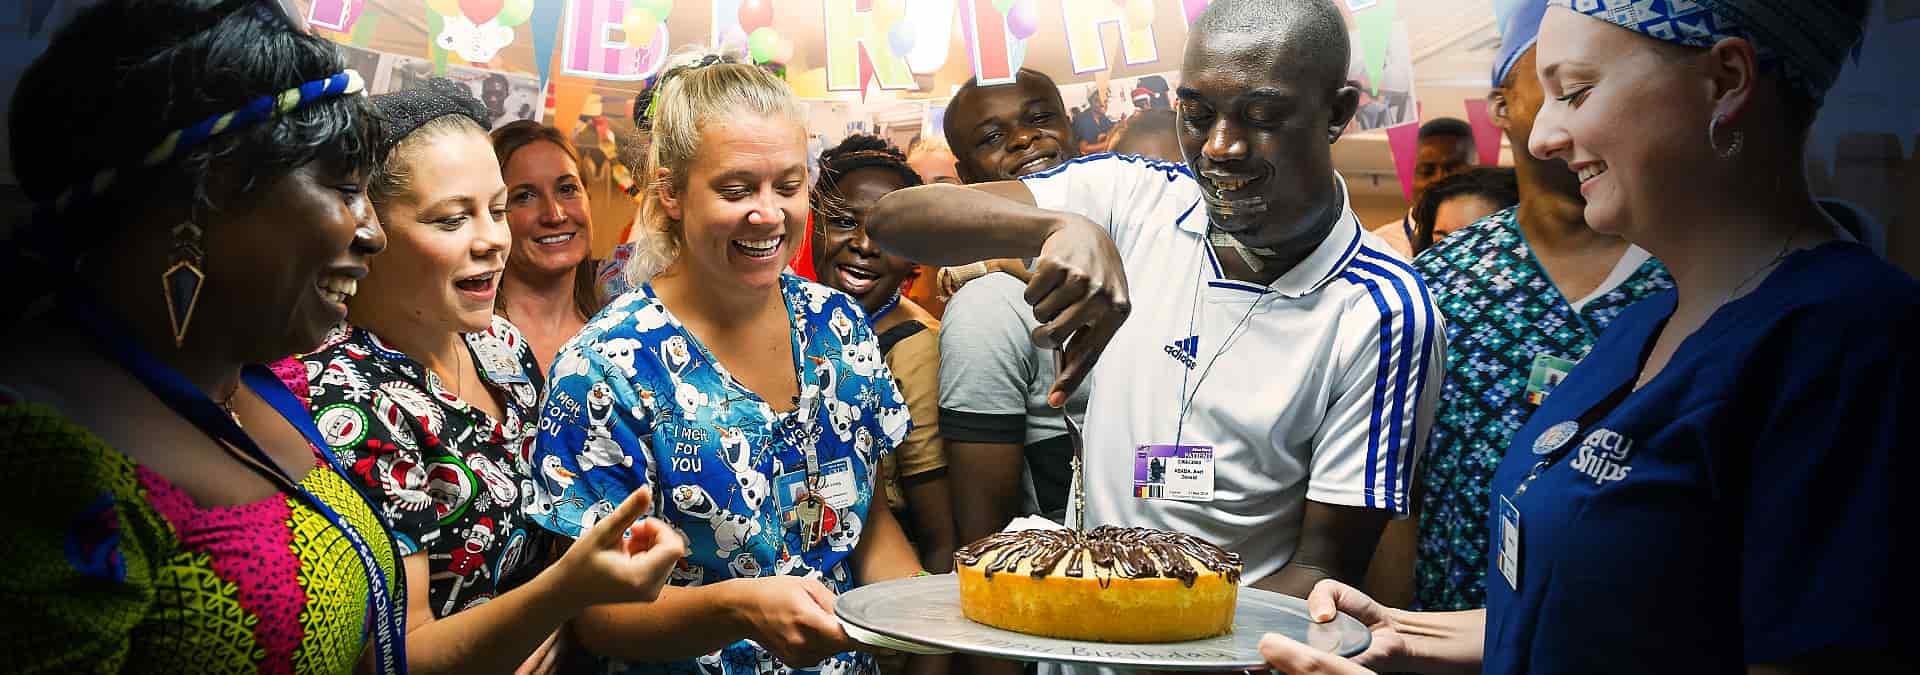 Anlassspende Geburtstag Kuchen Station